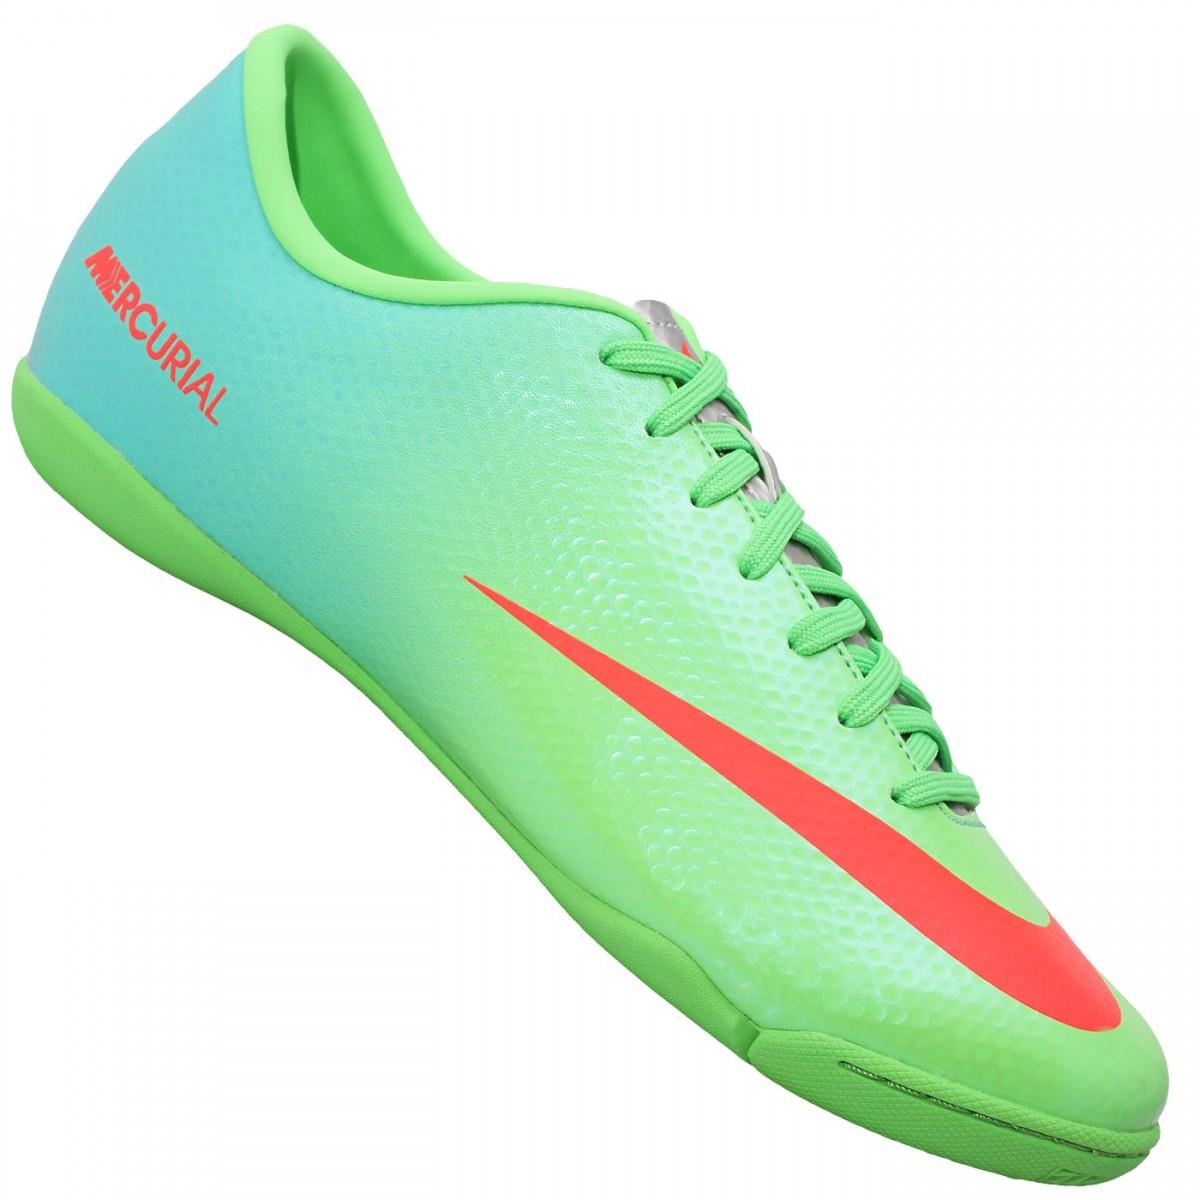 34dadbf11758 Tênis Nike Mercurial Victory IV IC